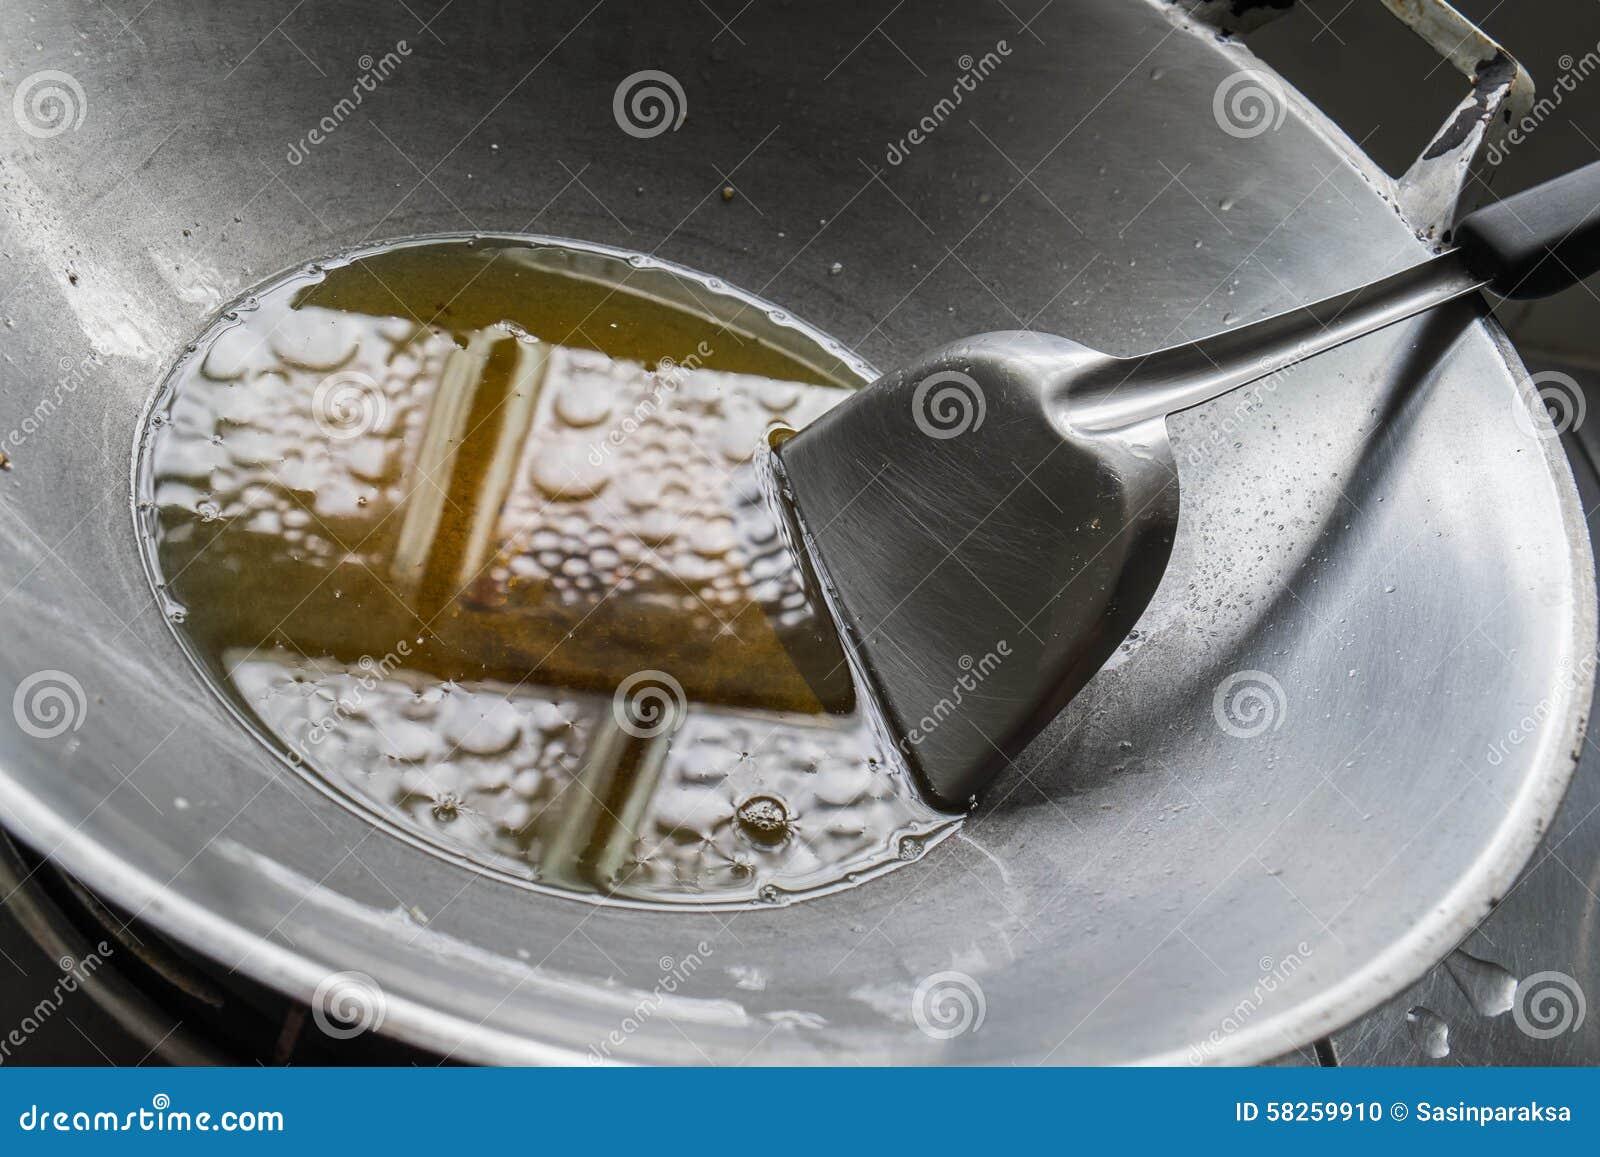 Nahaufnahmeöl in der Wanne, nach gekocht